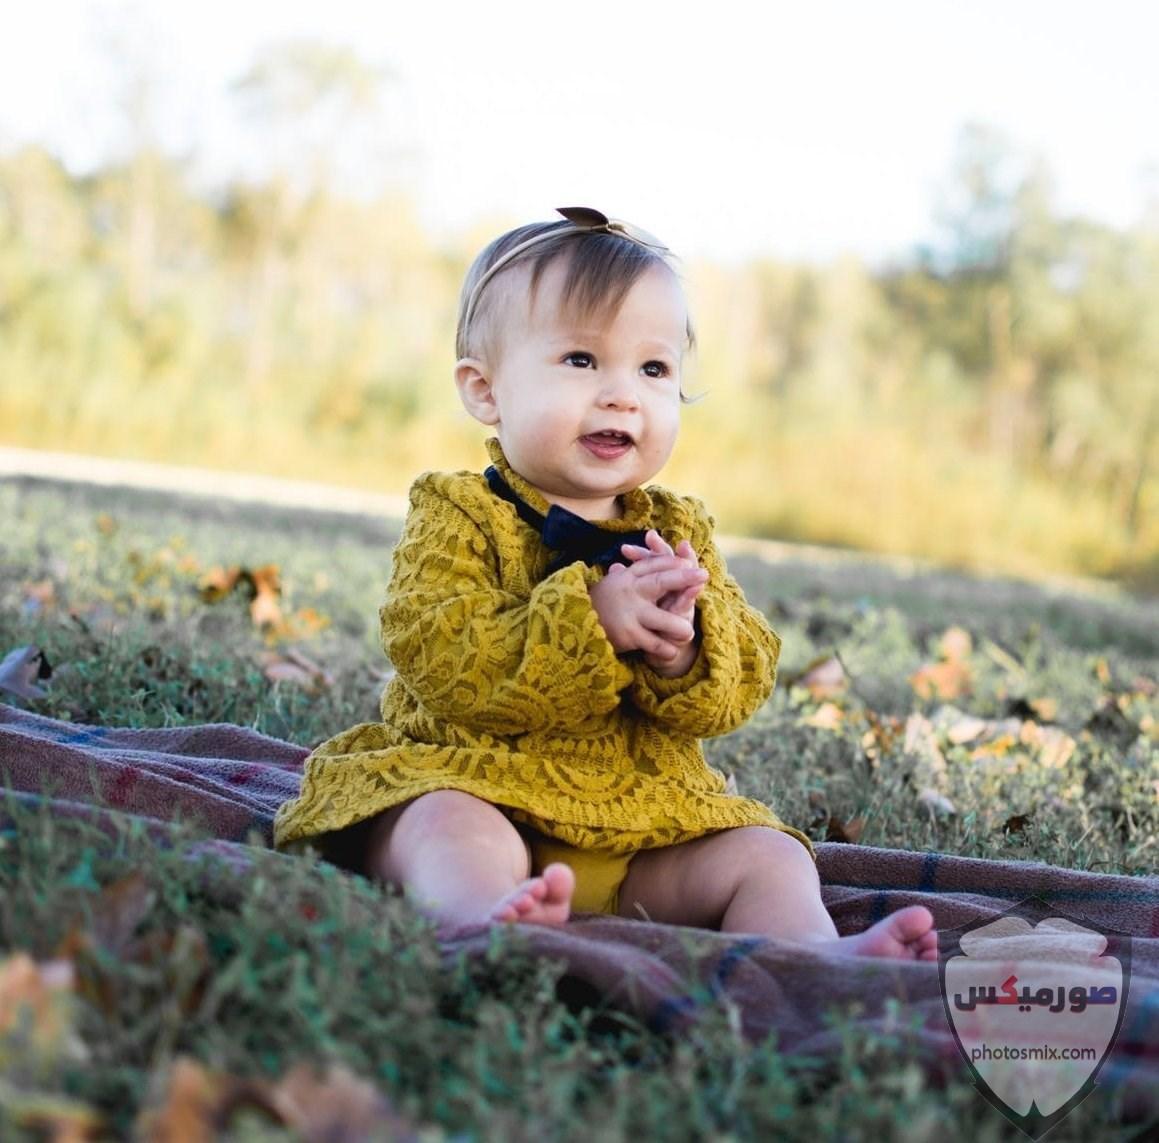 صور اطفال 2021 تحميل اكثر من 100 صور اطفال جميلة صور اطفال روعة 2020 55 1